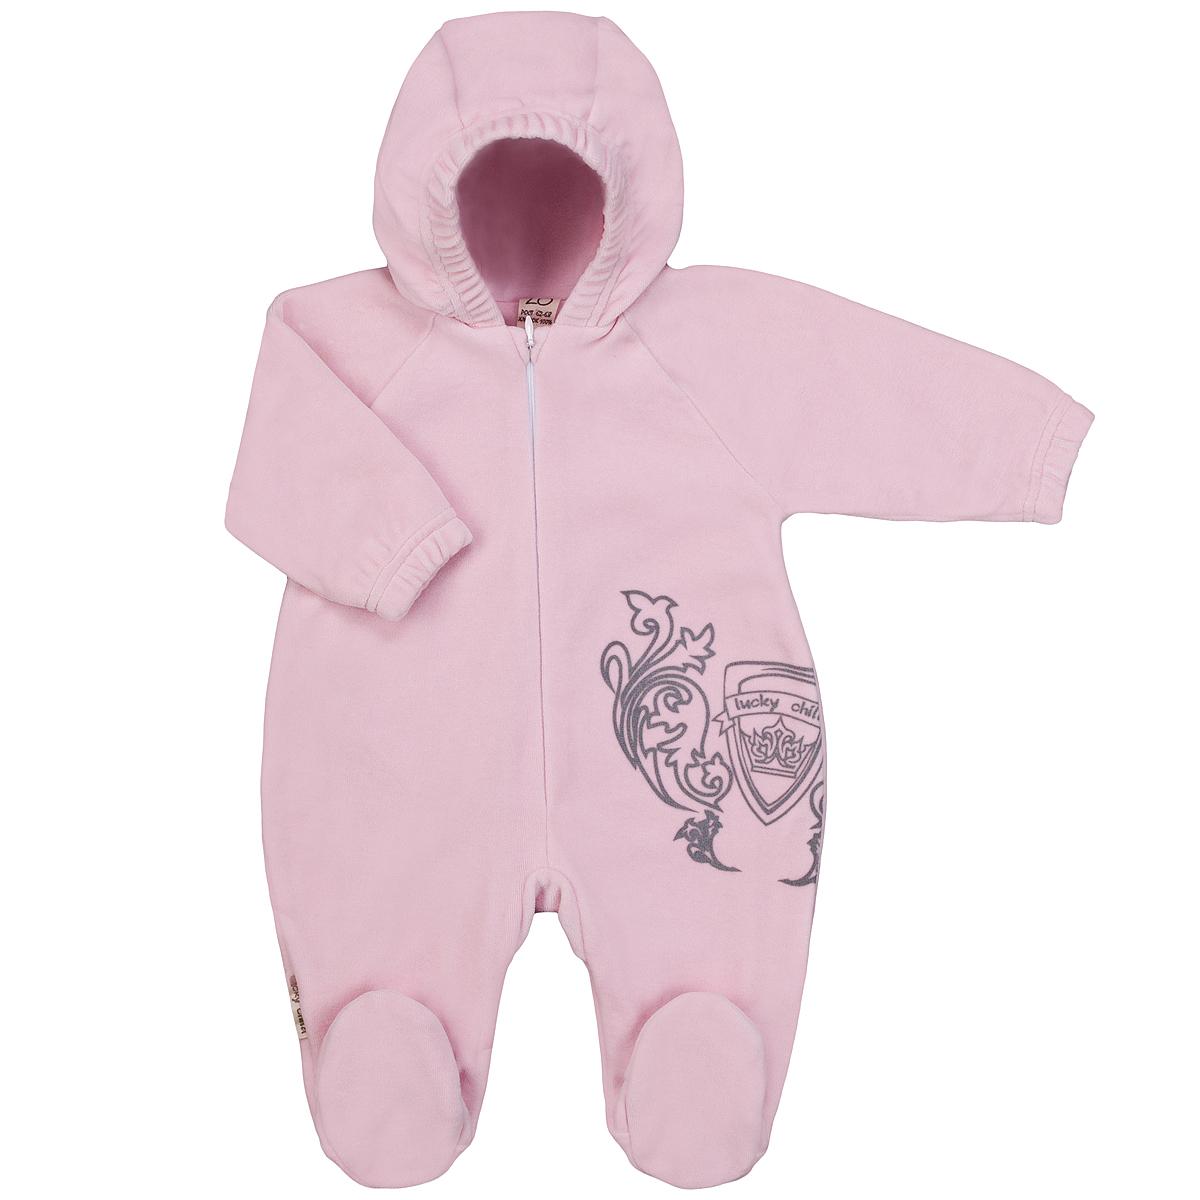 Комбинезон детский Lucky Child, цвет: розовый. 5-4. Размер 74/805-4Детский комбинезон с капюшоном Lucky Child - очень удобный и практичный вид одежды для малышей. Комбинезон выполнен из велюра на подкладке из натурального хлопка, благодаря чему он необычайно мягкий и приятный на ощупь, не раздражают нежную кожу ребенка и хорошо вентилируются, а эластичные швы приятны телу малышки и не препятствуют ее движениям. Комбинезон с длинными рукавами-реглан и закрытыми ножками по центру имеет потайную застежку-молнию, которая помогает легко переодеть младенца или сменить подгузник. Спереди он оформлен оригинальным принтом в виде логотипа бренда. Рукава понизу дополнены неширокими эластичными манжетами, которые мягко обхватывают запястья. С детским комбинезоном Lucky Child спинка и ножки вашего малыша всегда будут в тепле. Комбинезон полностью соответствует особенностям жизни младенца в ранний период, не стесняя и не ограничивая его в движениях!